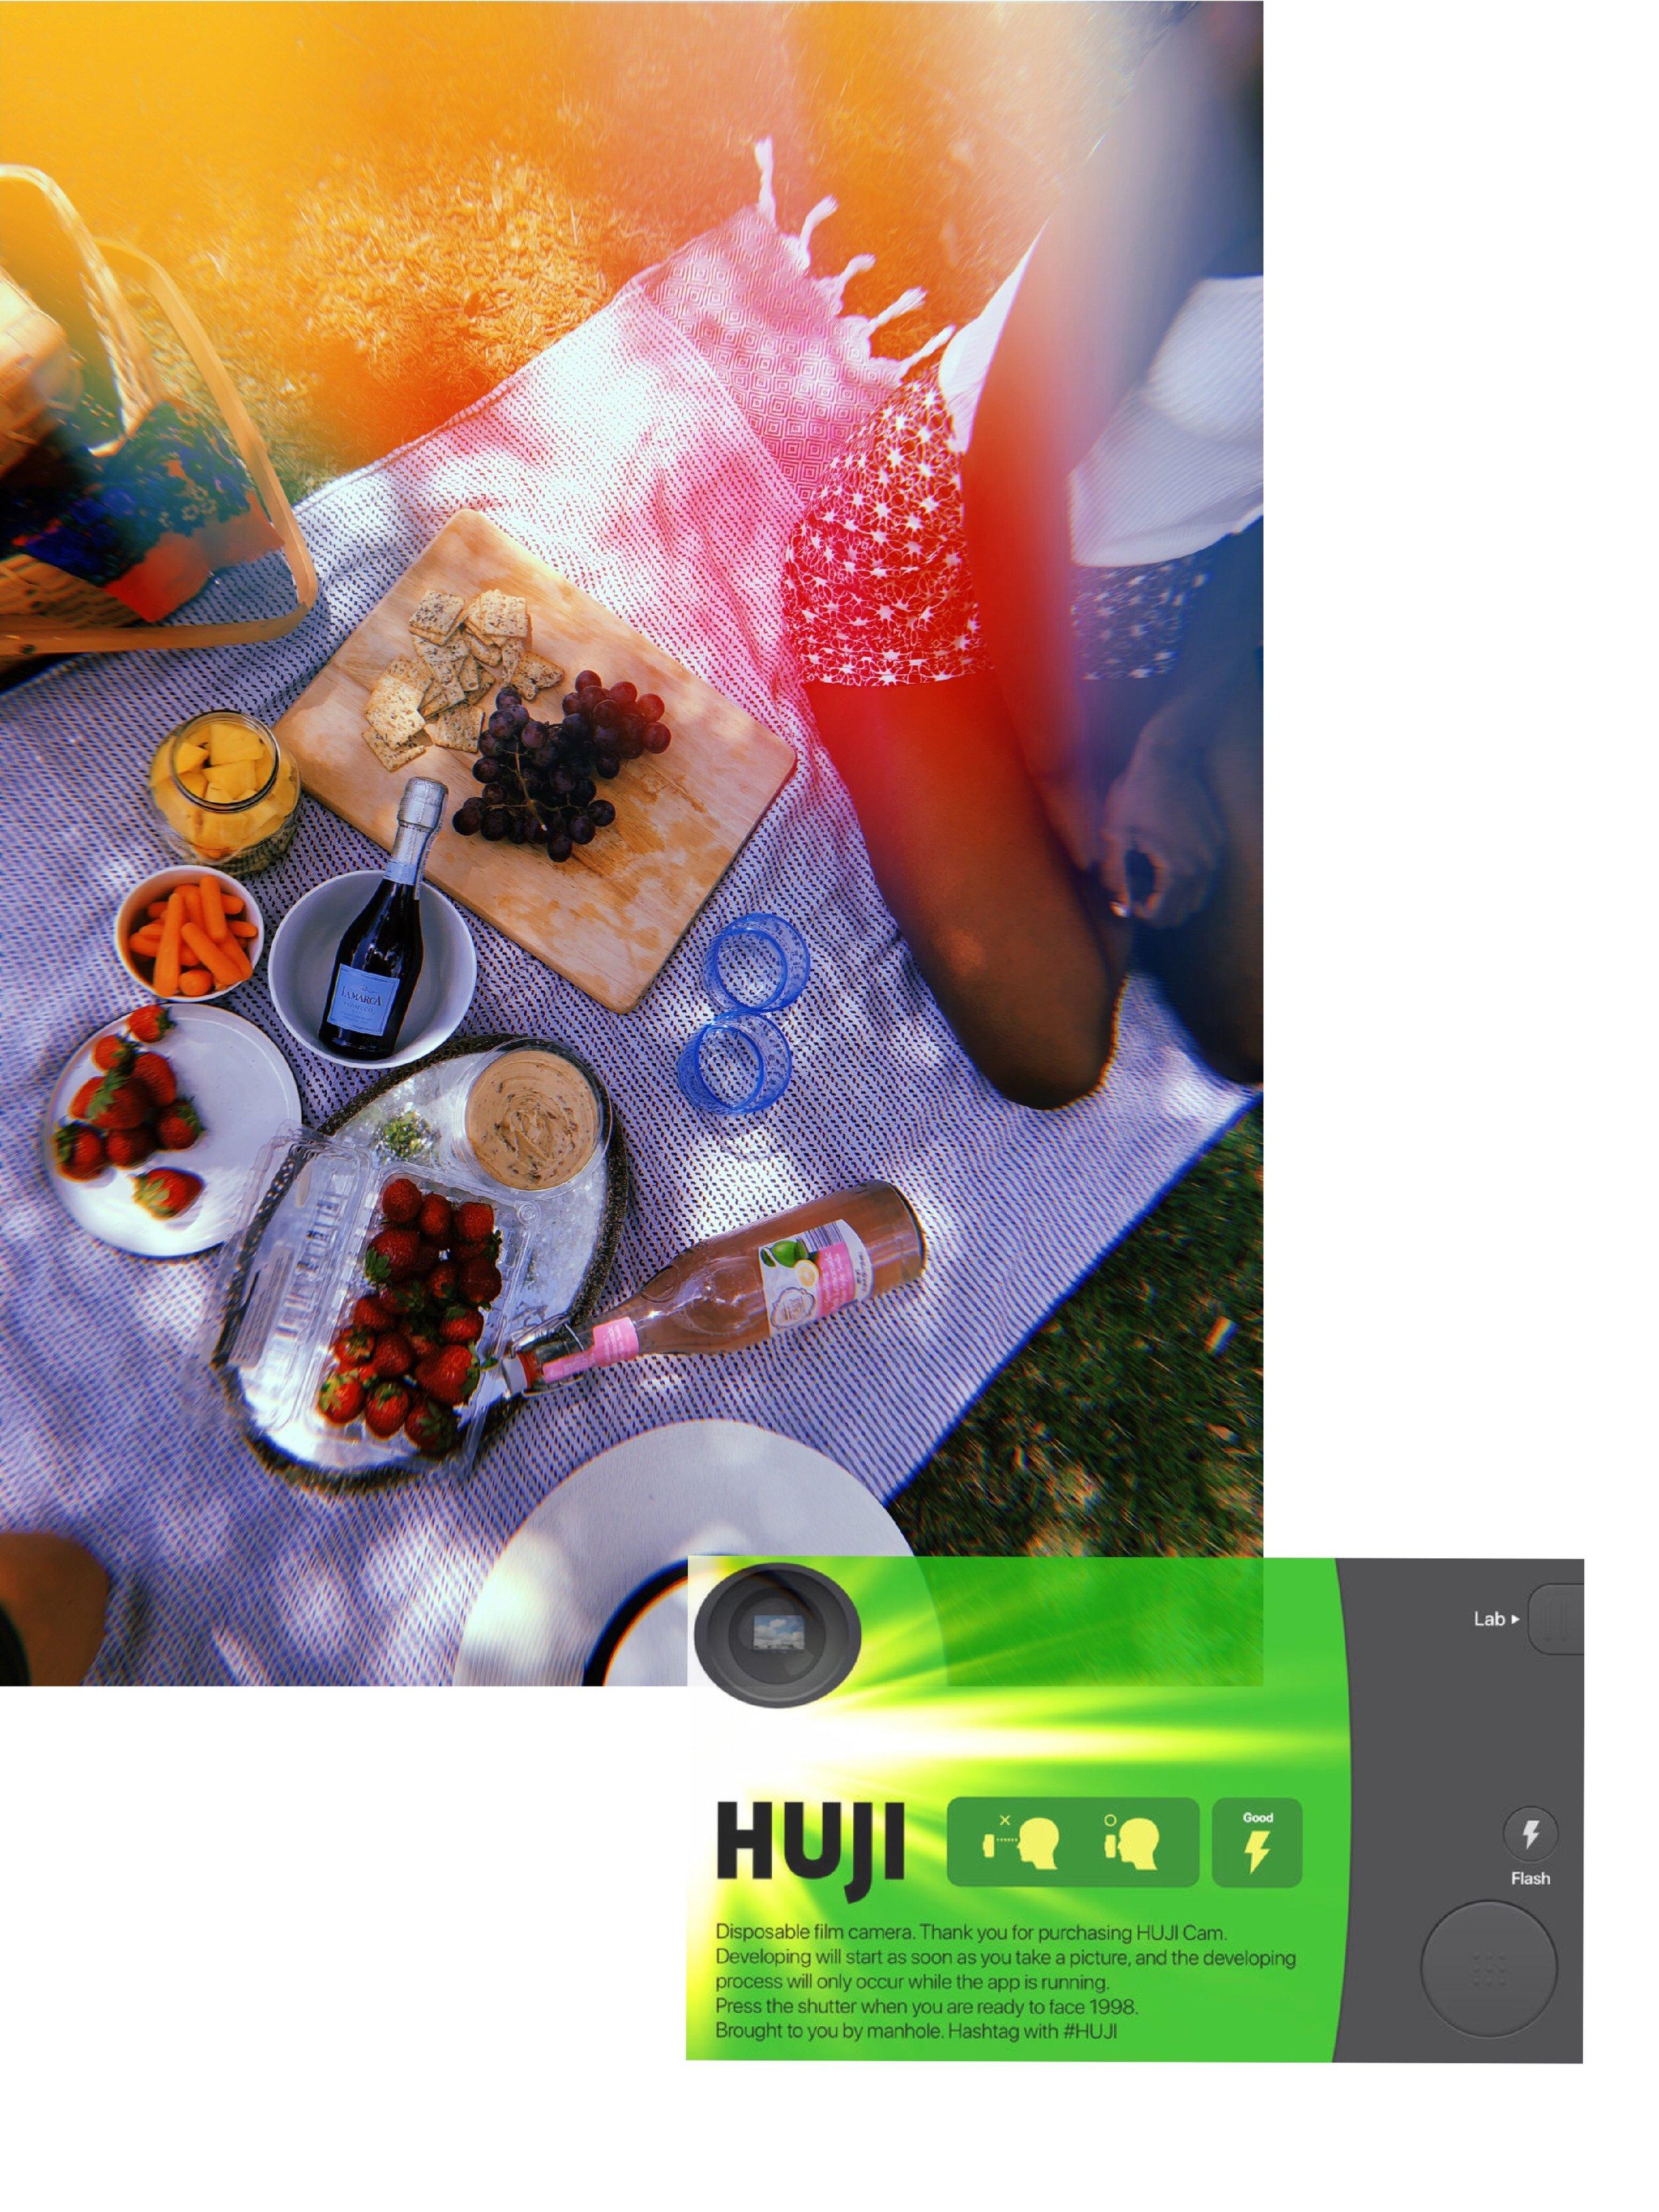 HUJI App